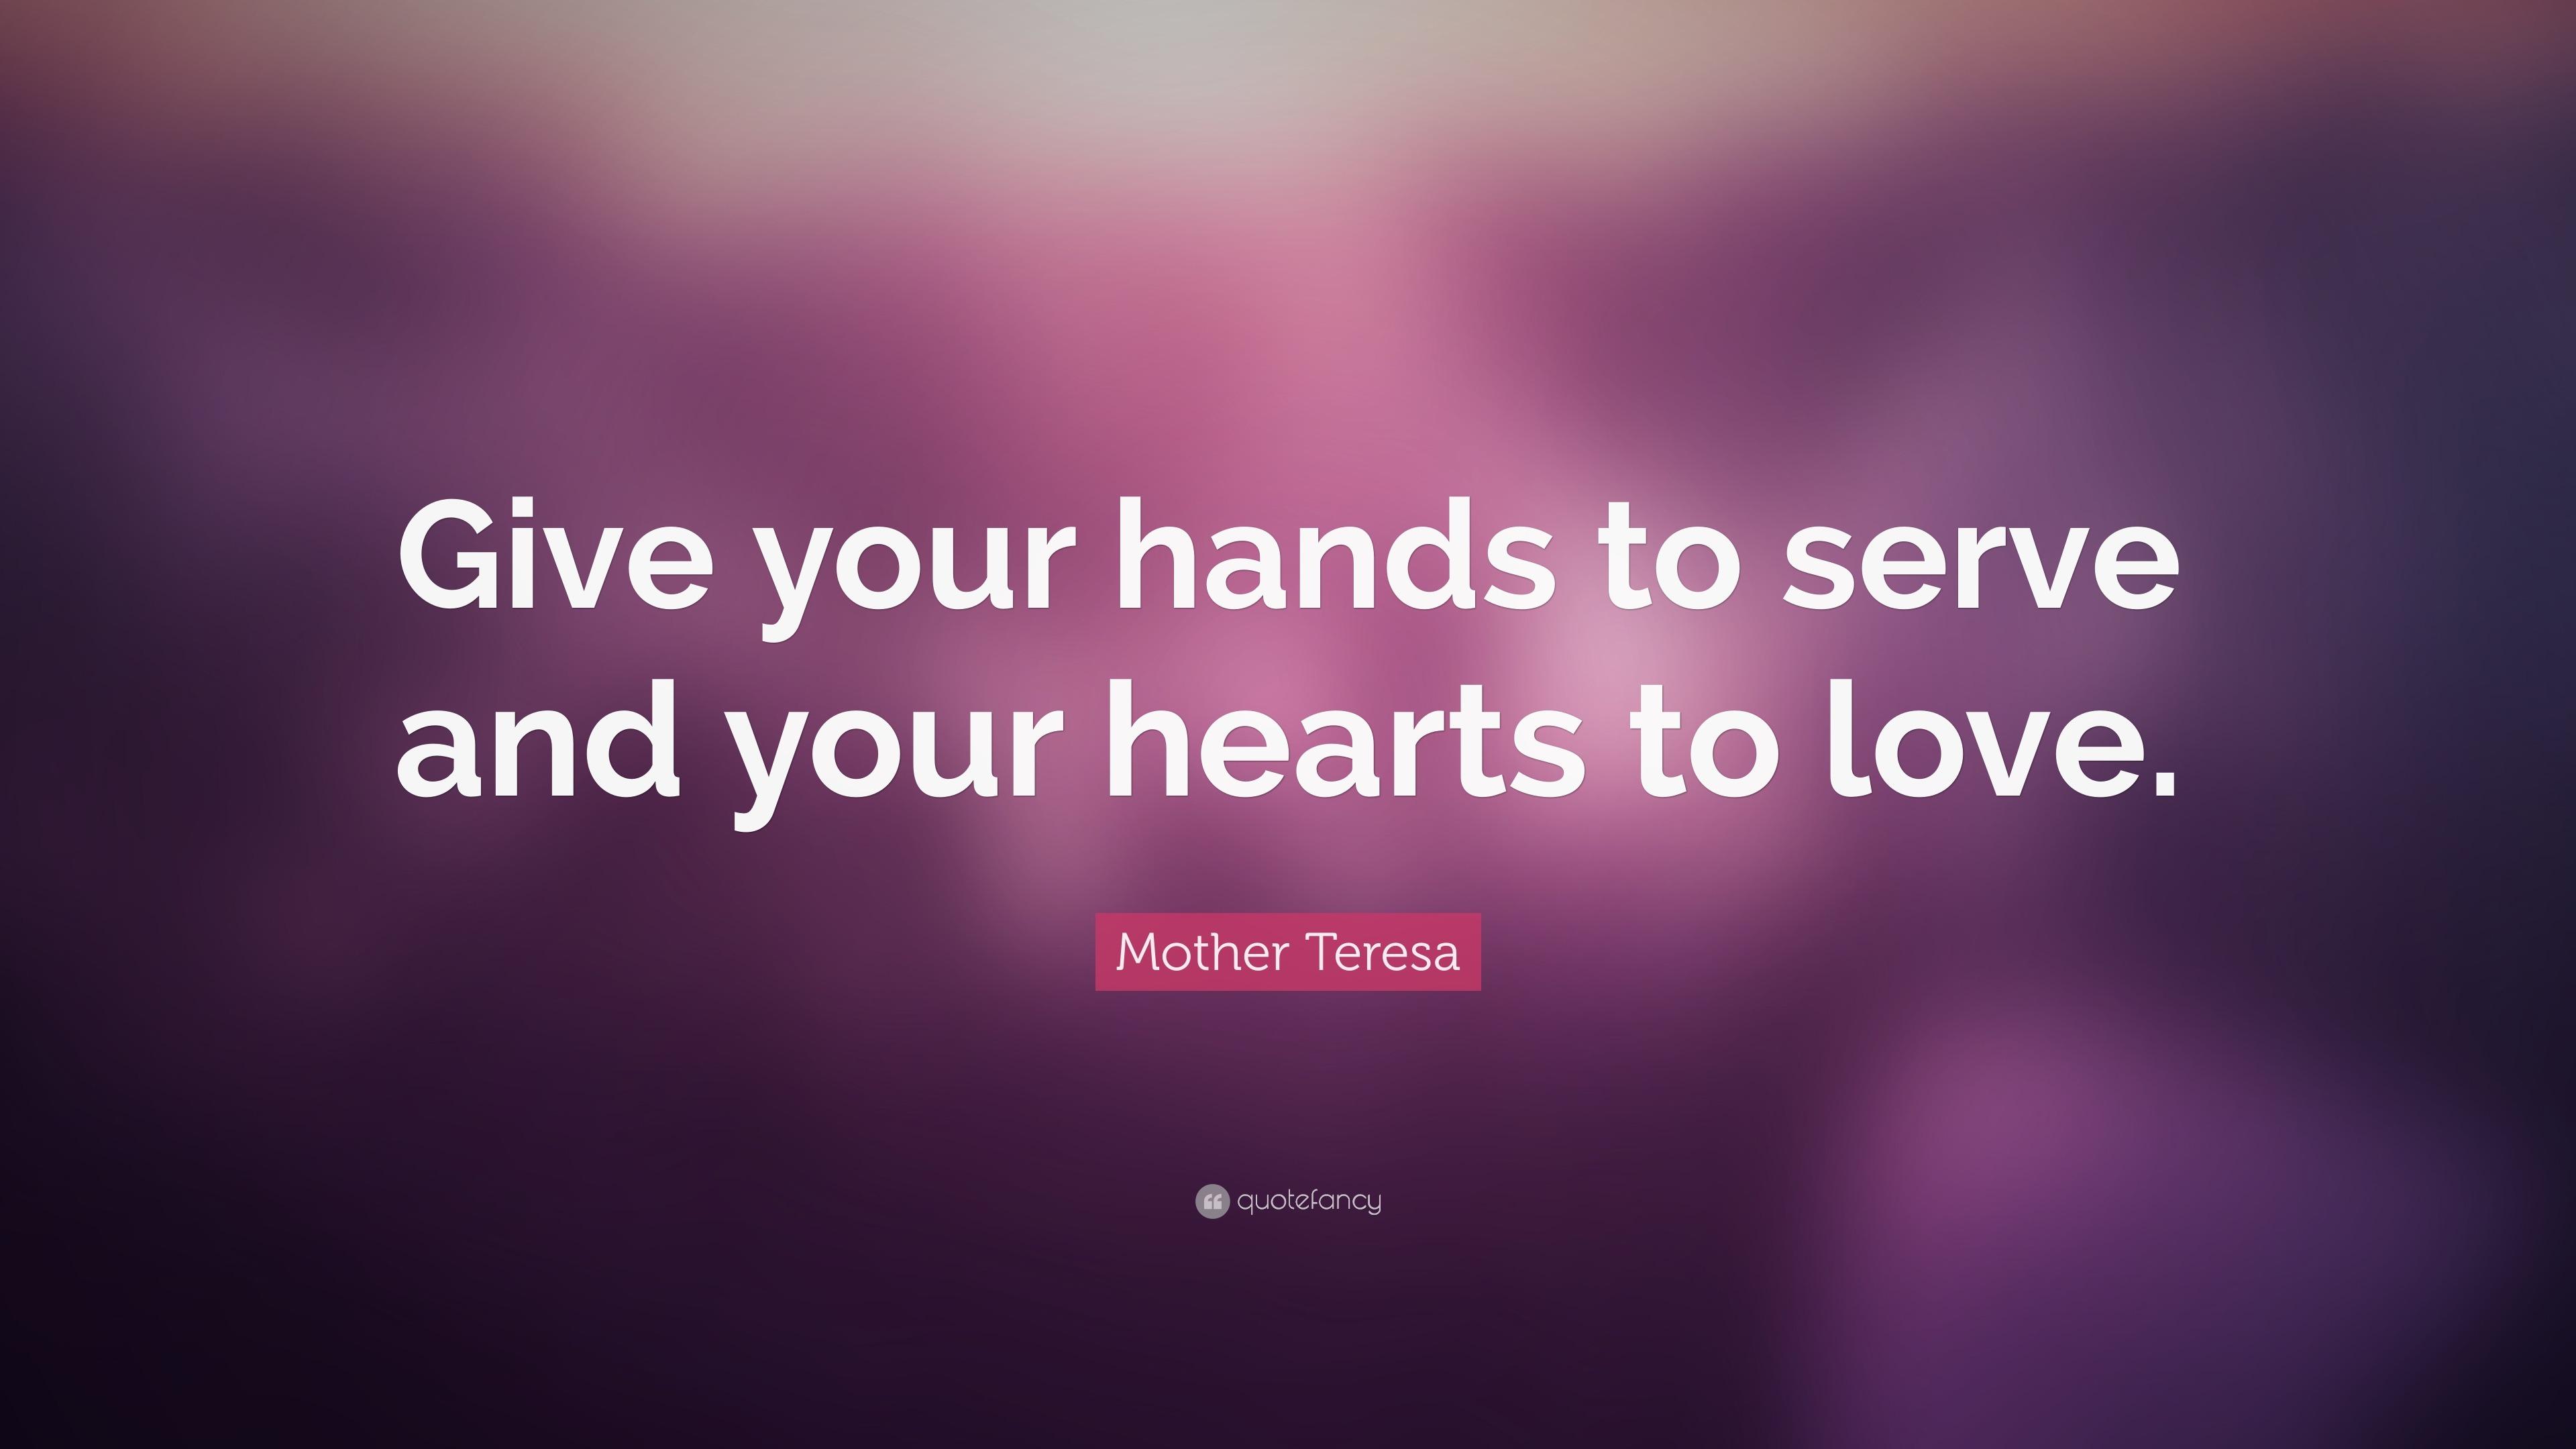 Mother Teresa Quotes (100 wallpapers) - Quotefancy